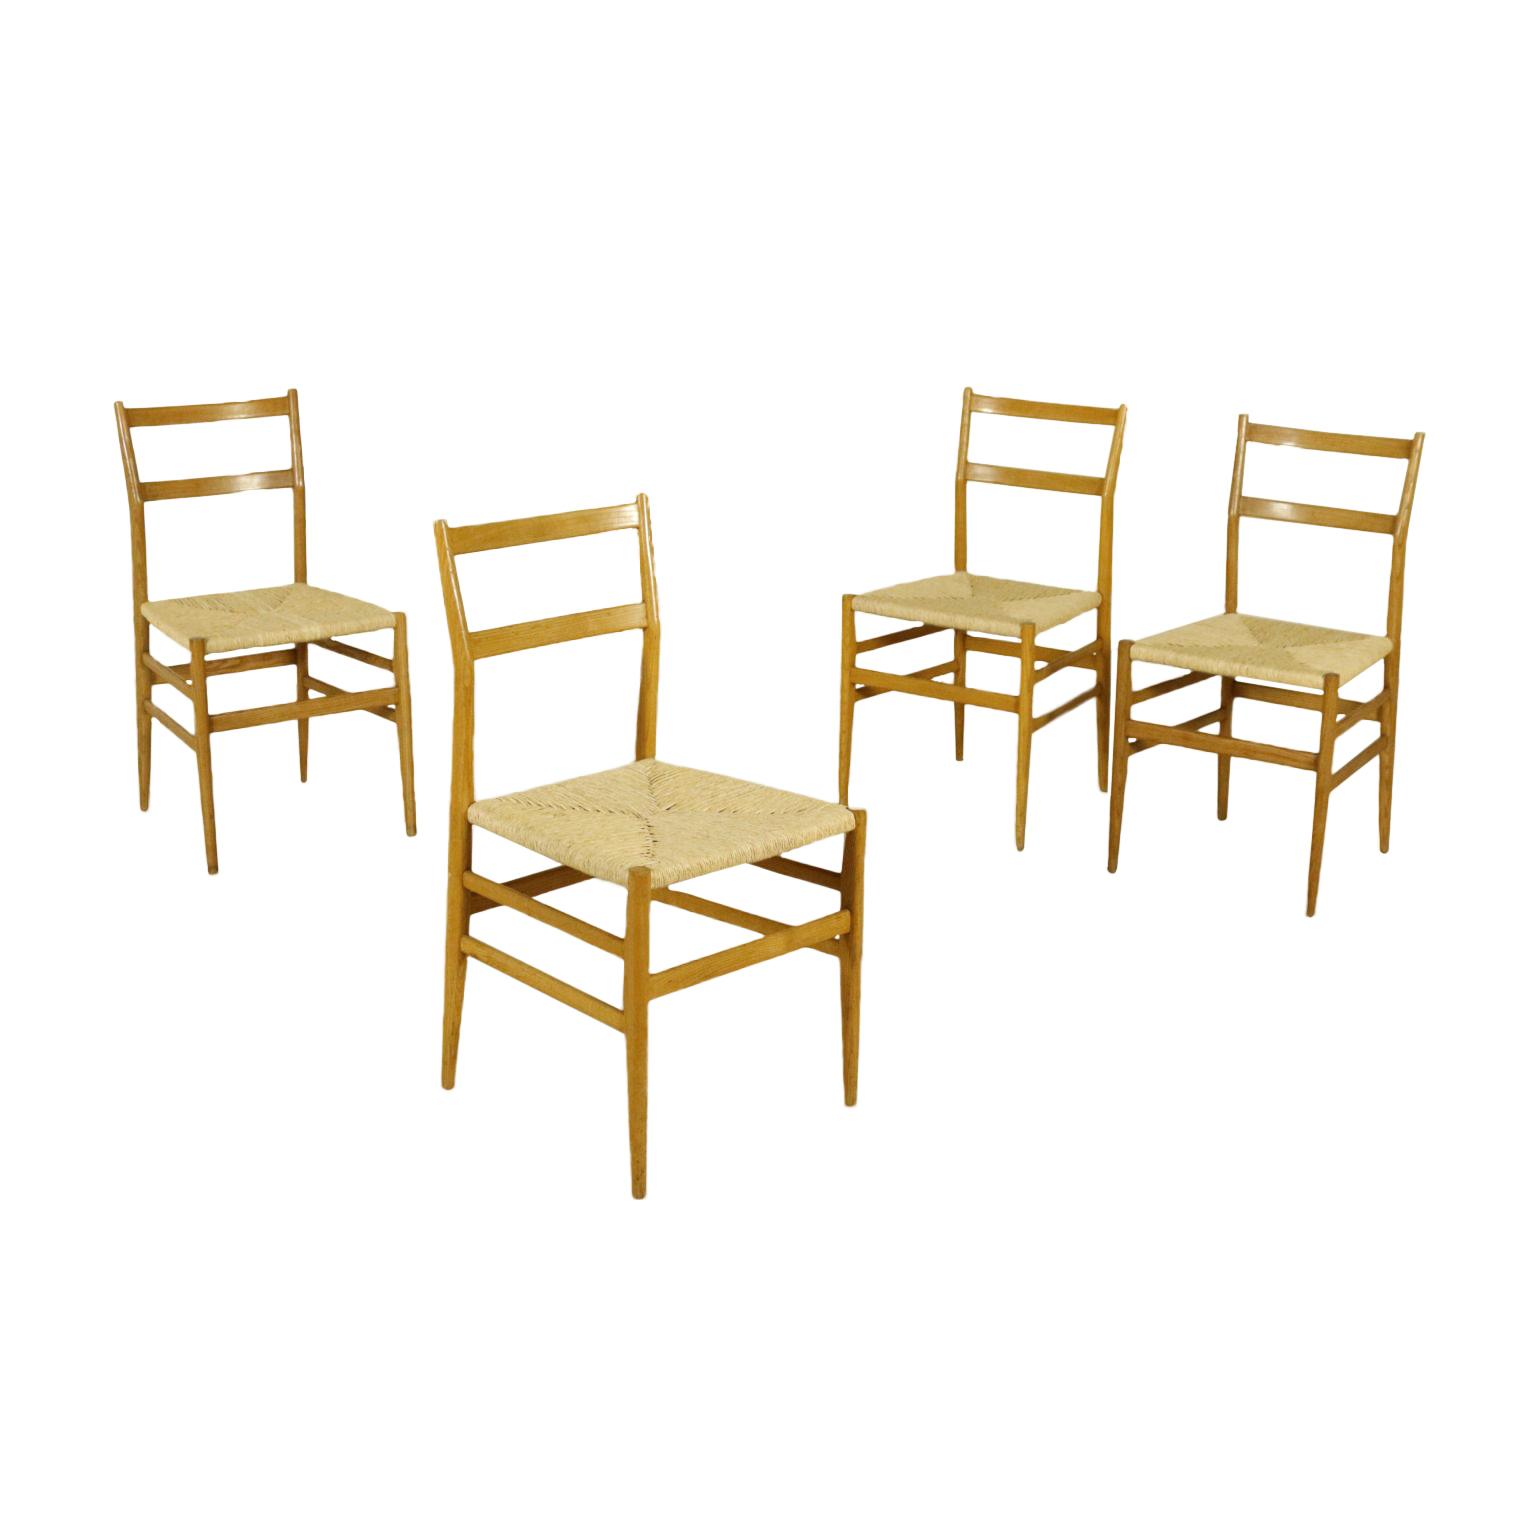 Sedie gio ponti sedie modernariato - Gio ponti mobili ...